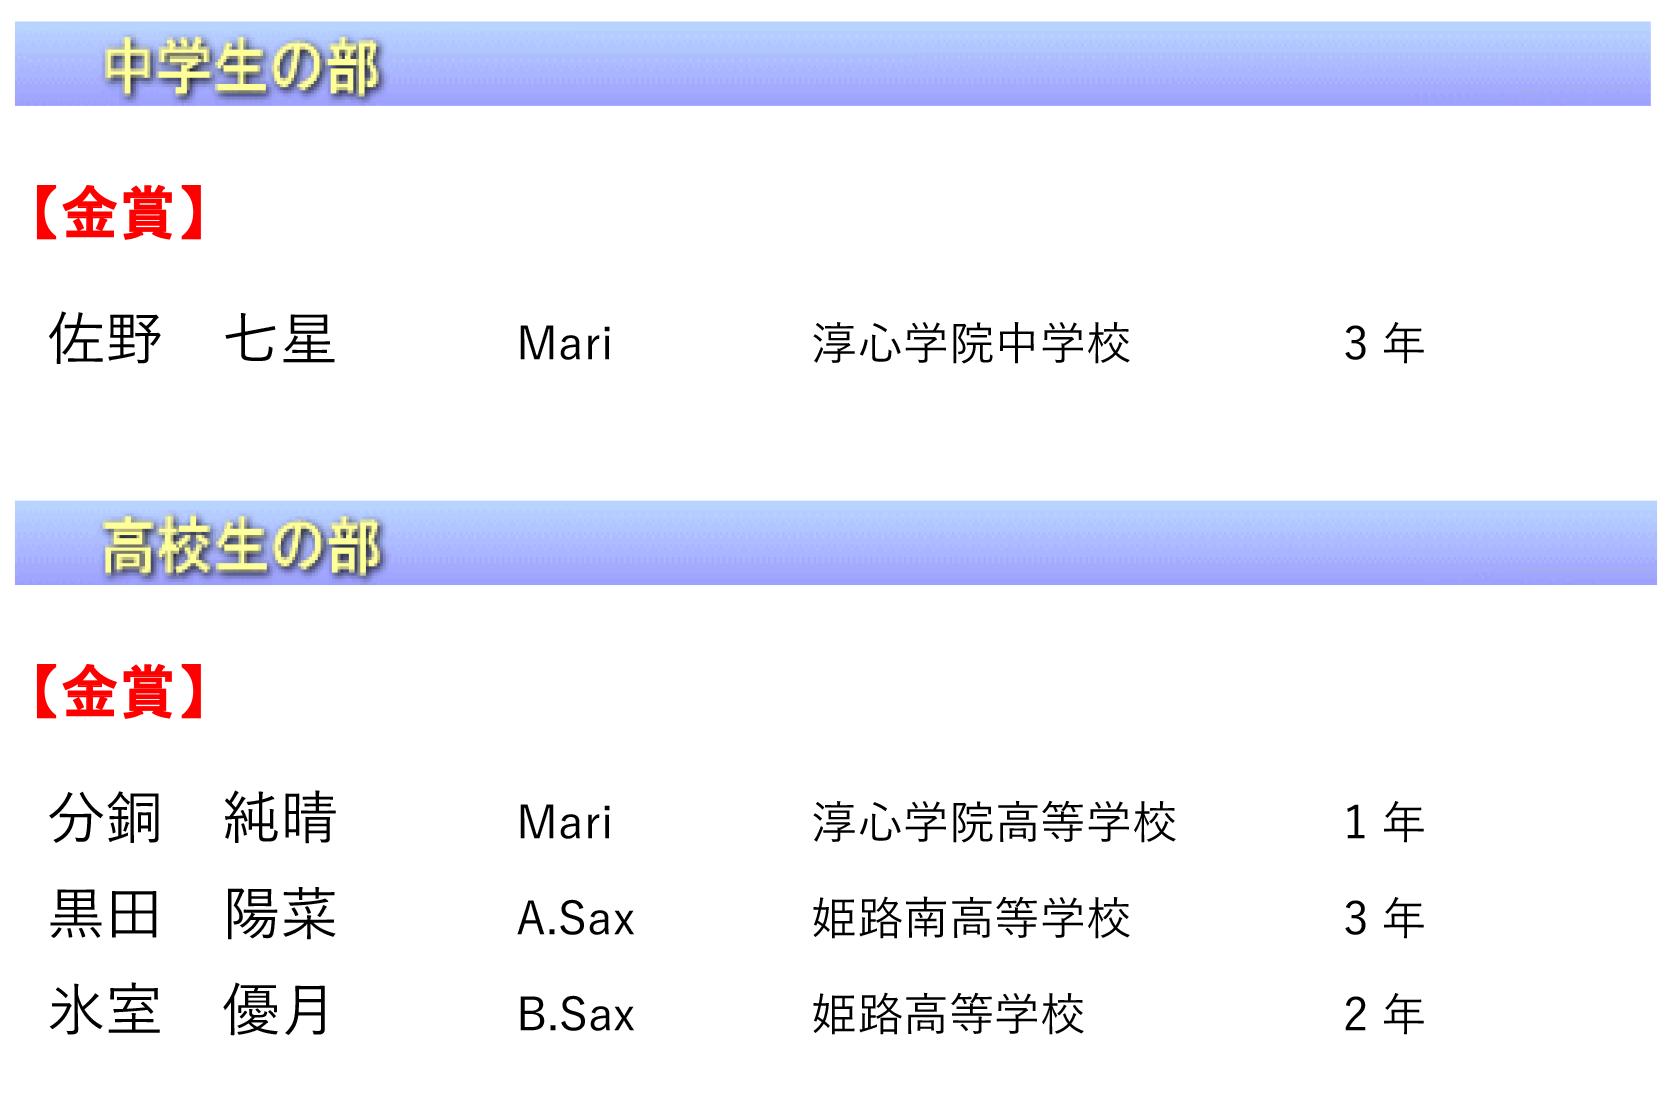 第24回 全日本中学生・高校生管打楽器ソロコンテスト関西大会 審査結果